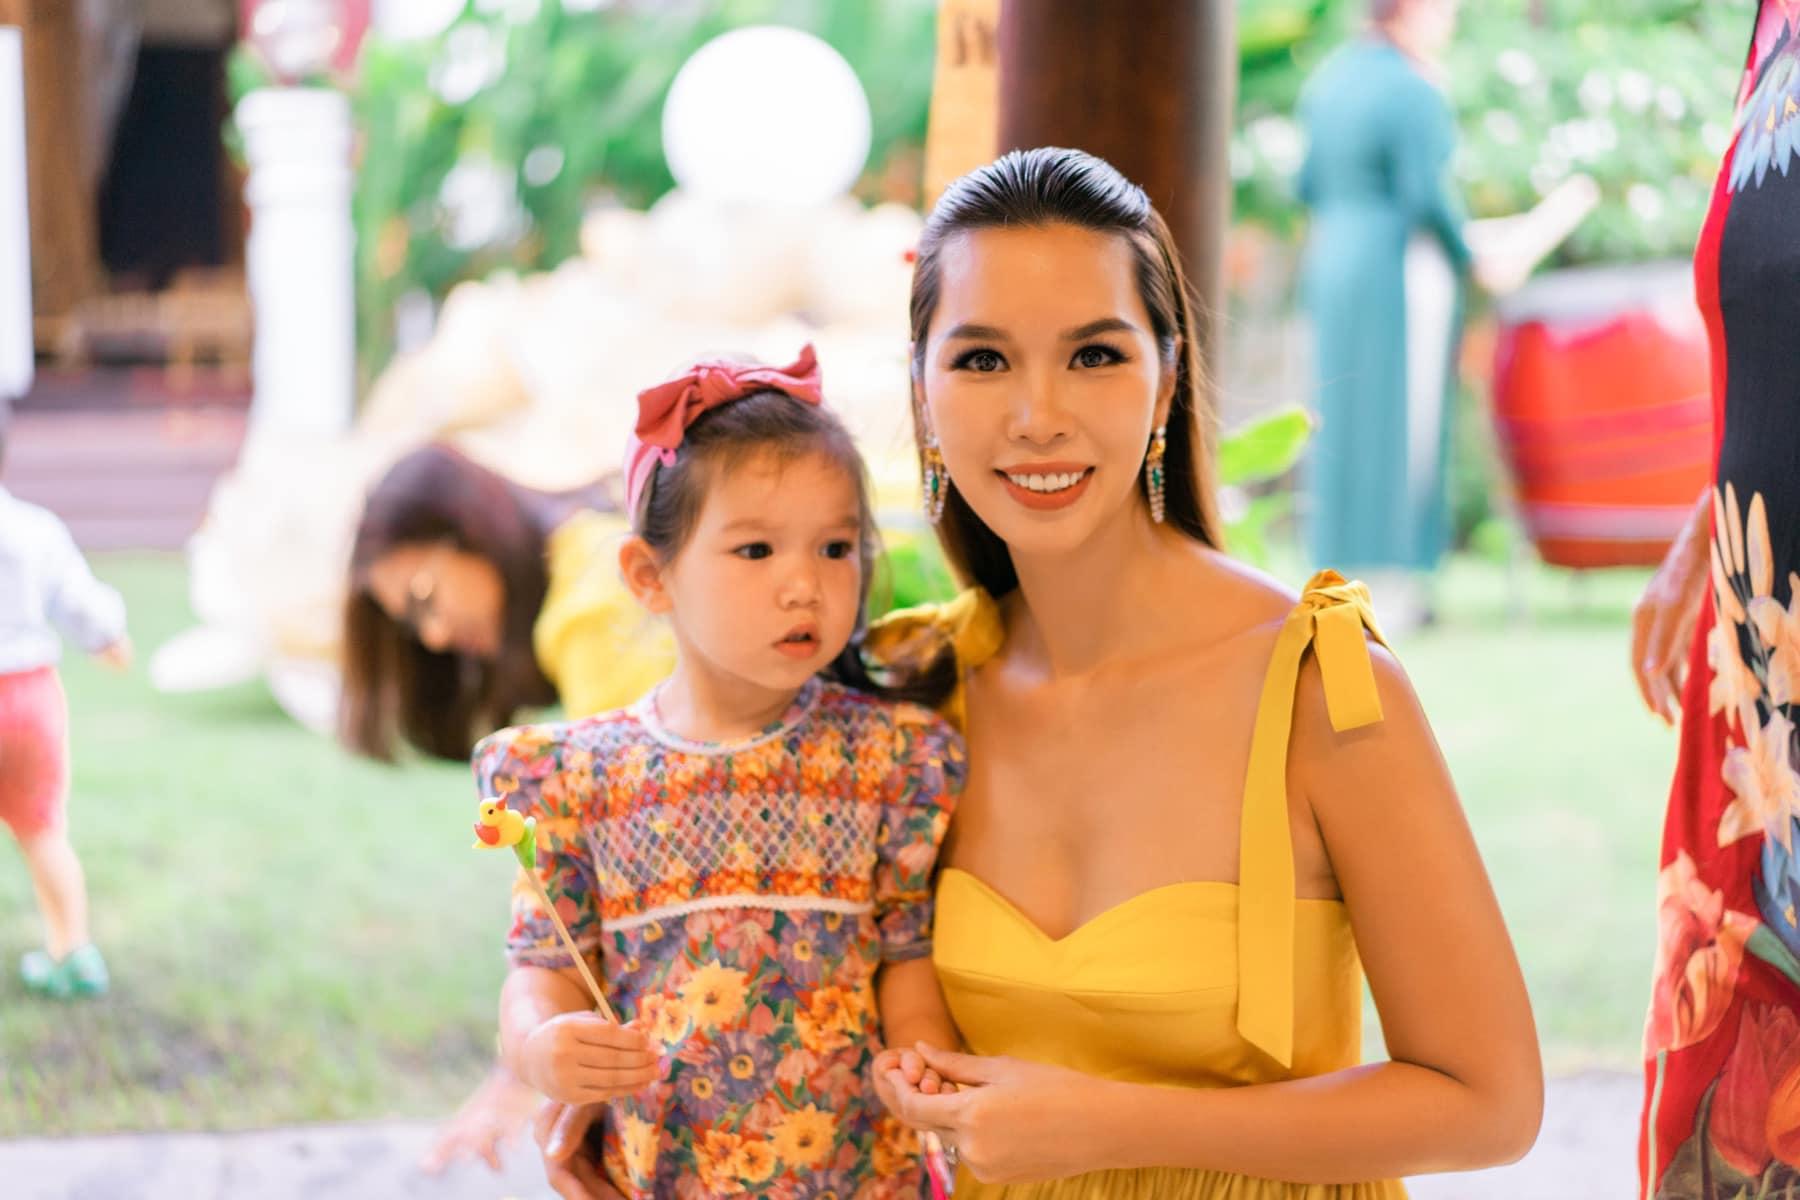 Nhiều bà mẹ nổi tiếng đứng lên kêu gọi quyên góp giúp đồng bào miền Trung: Siêu mẫu Hà Anh ủng hộ xây nhà chống lũ, bà Tân Vlog cũng gửi 50 triệu đồng qua ca sĩ Thủy Tiên - Ảnh 2.